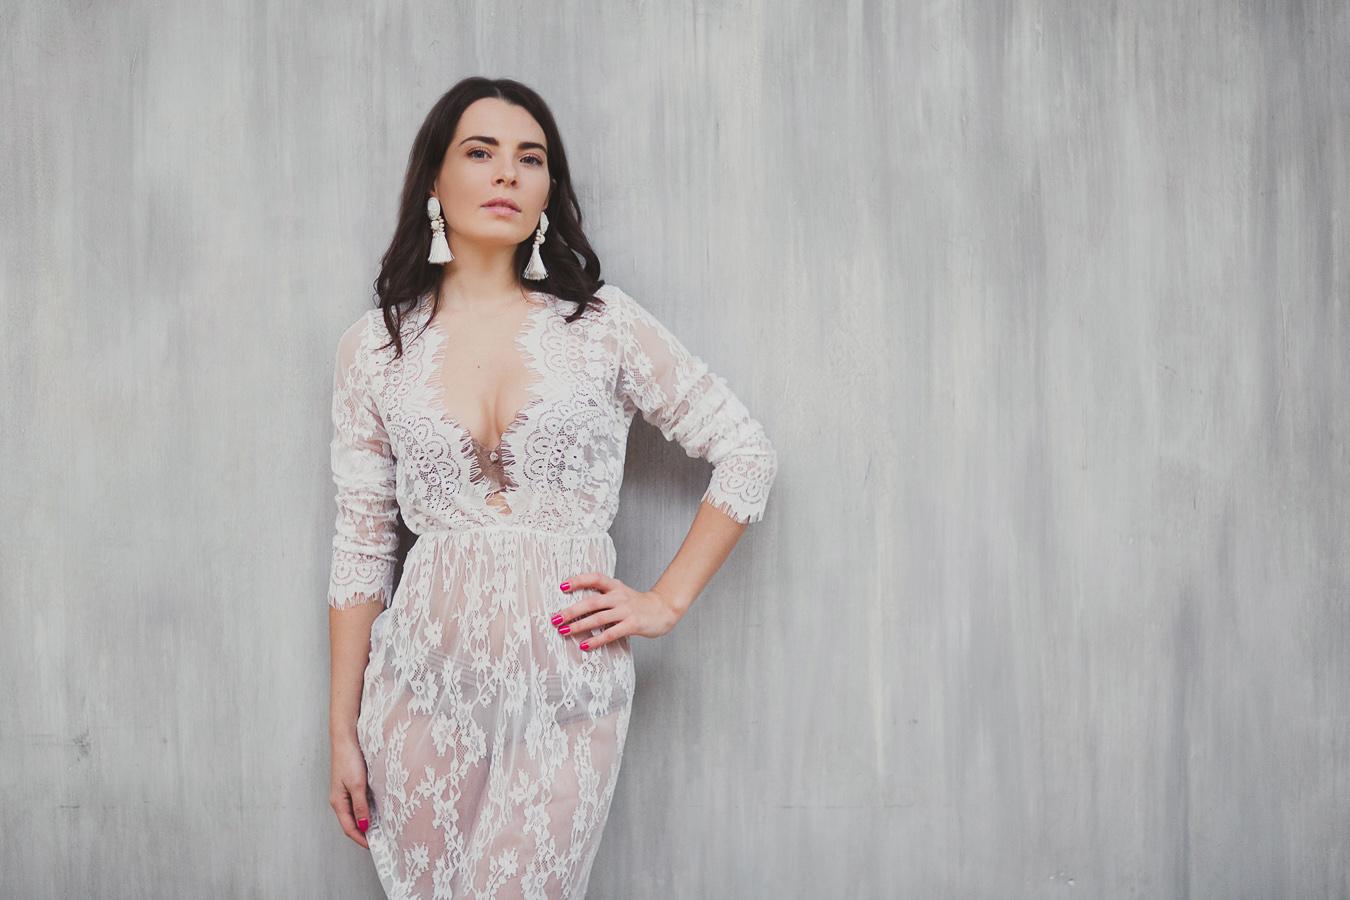 Прозрачное платье с глубоким декольте